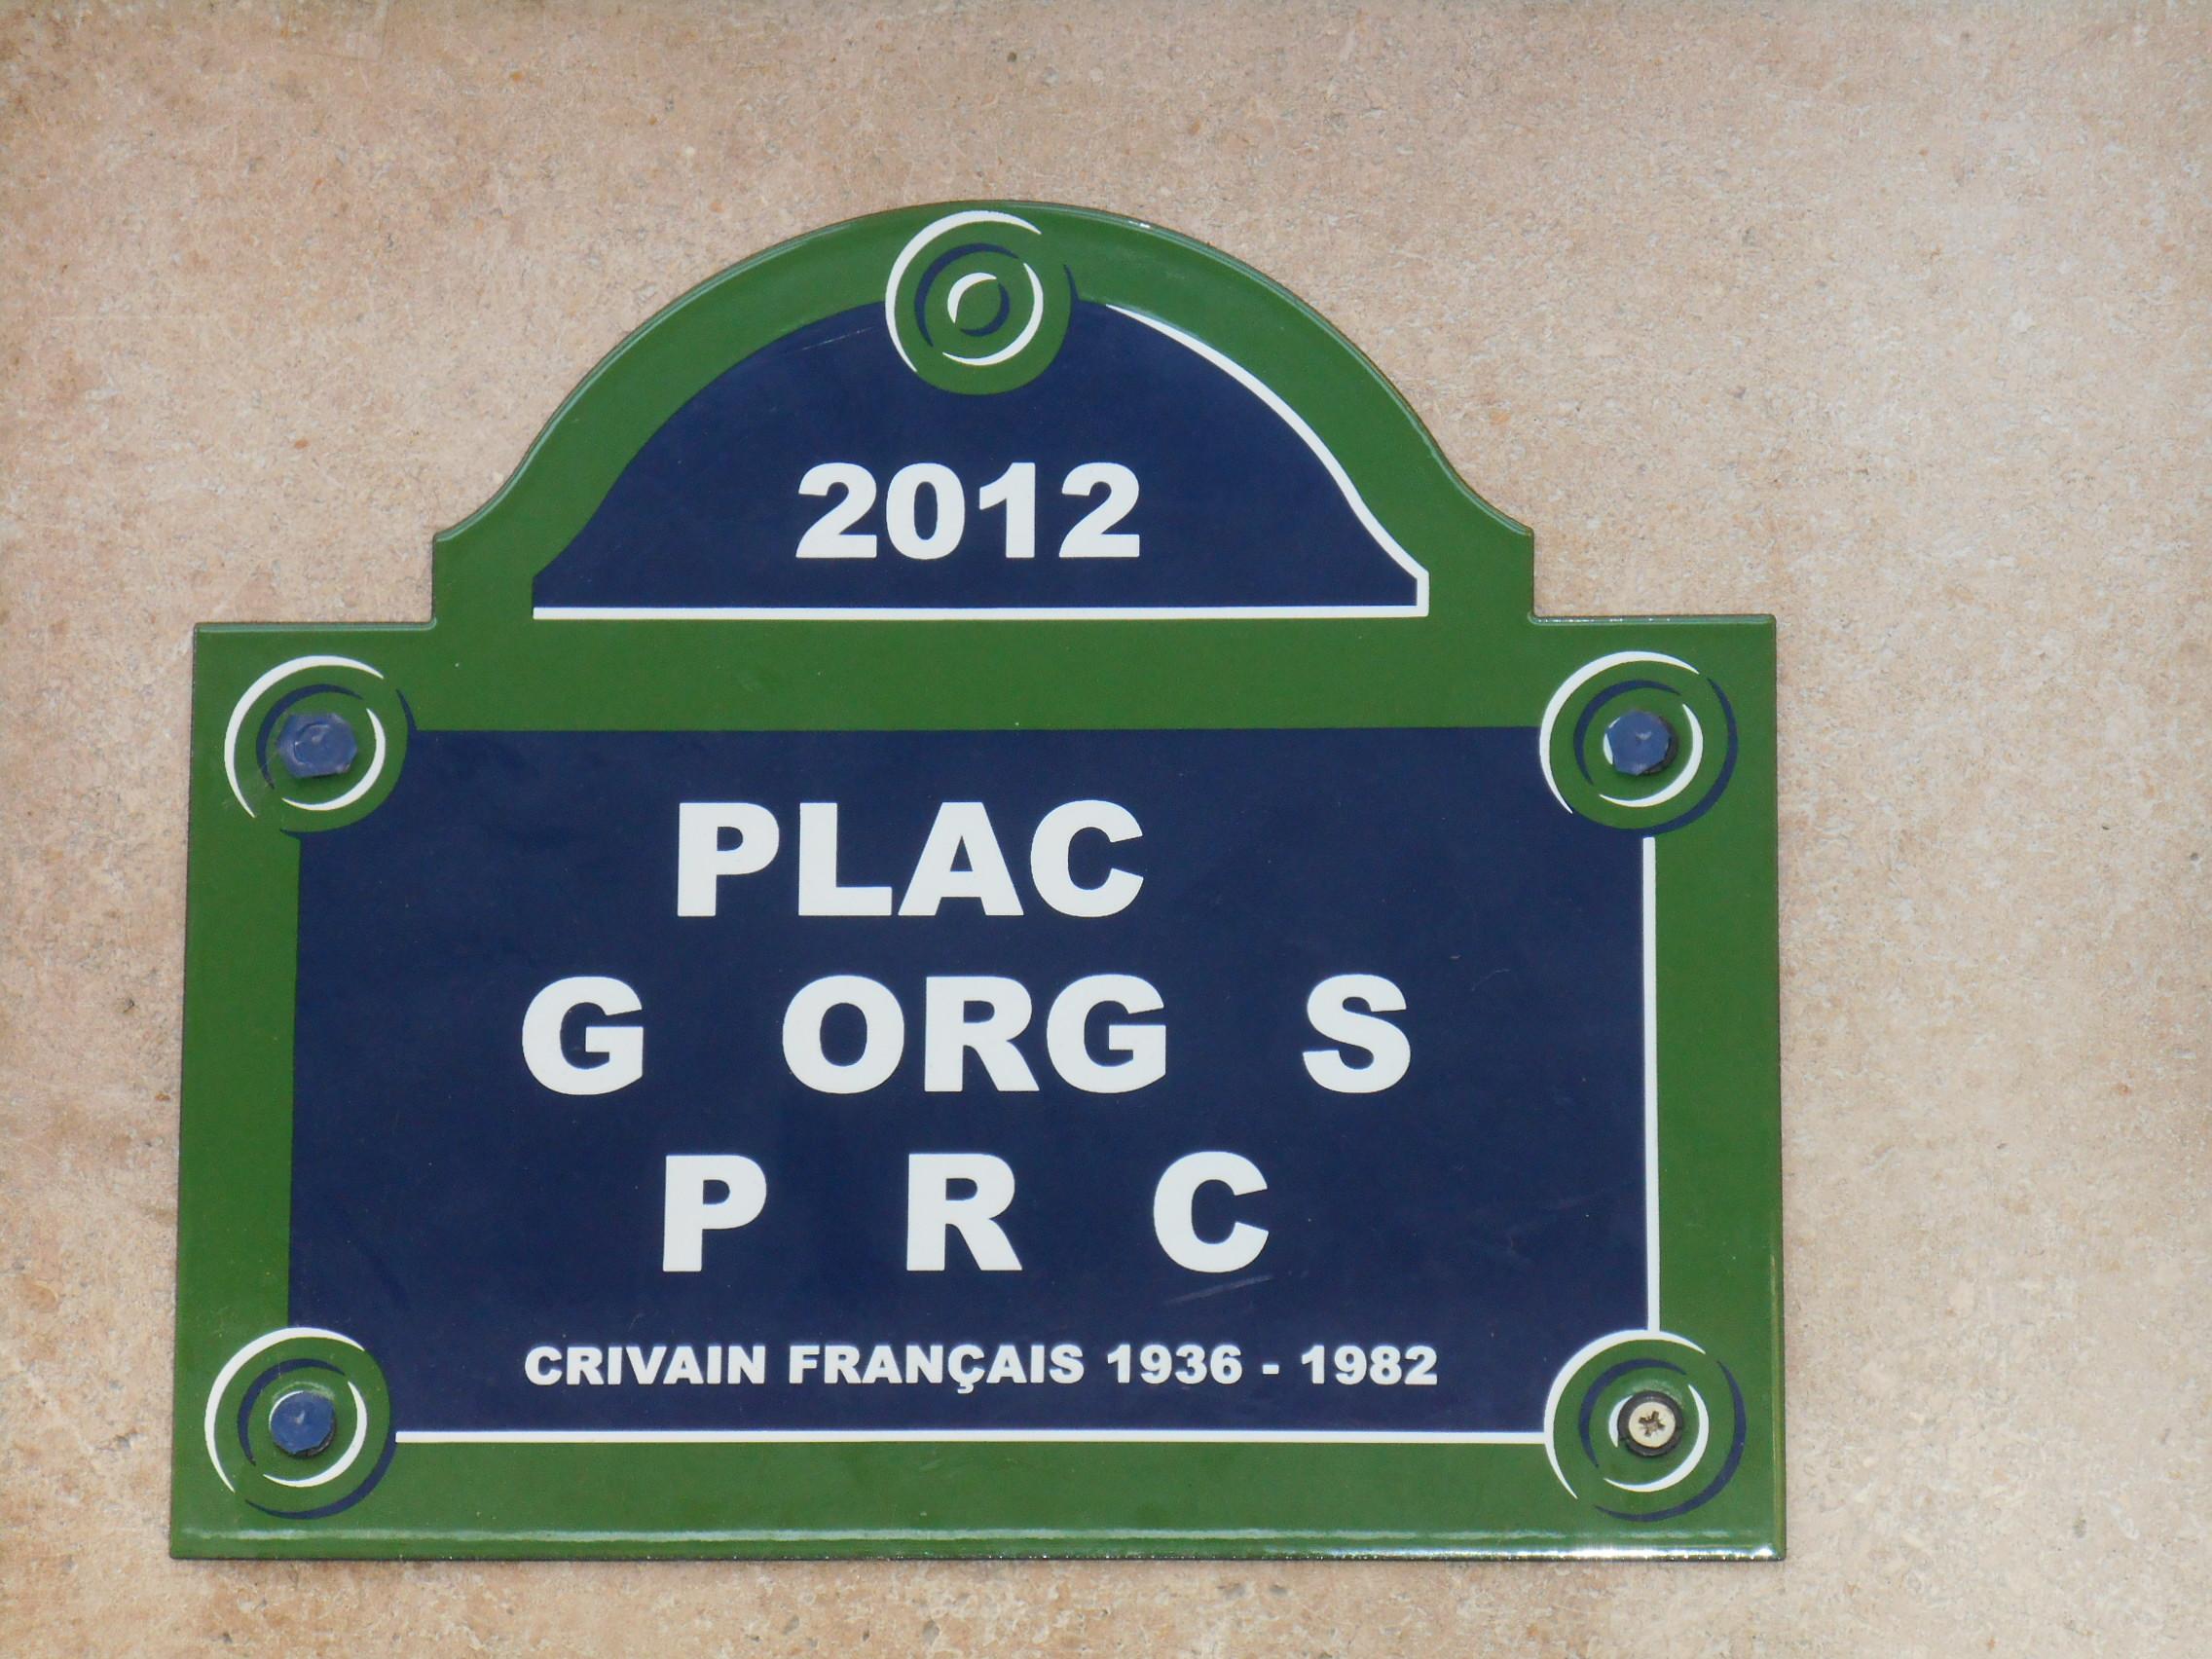 fausse plaque place georges perec - wikipédia